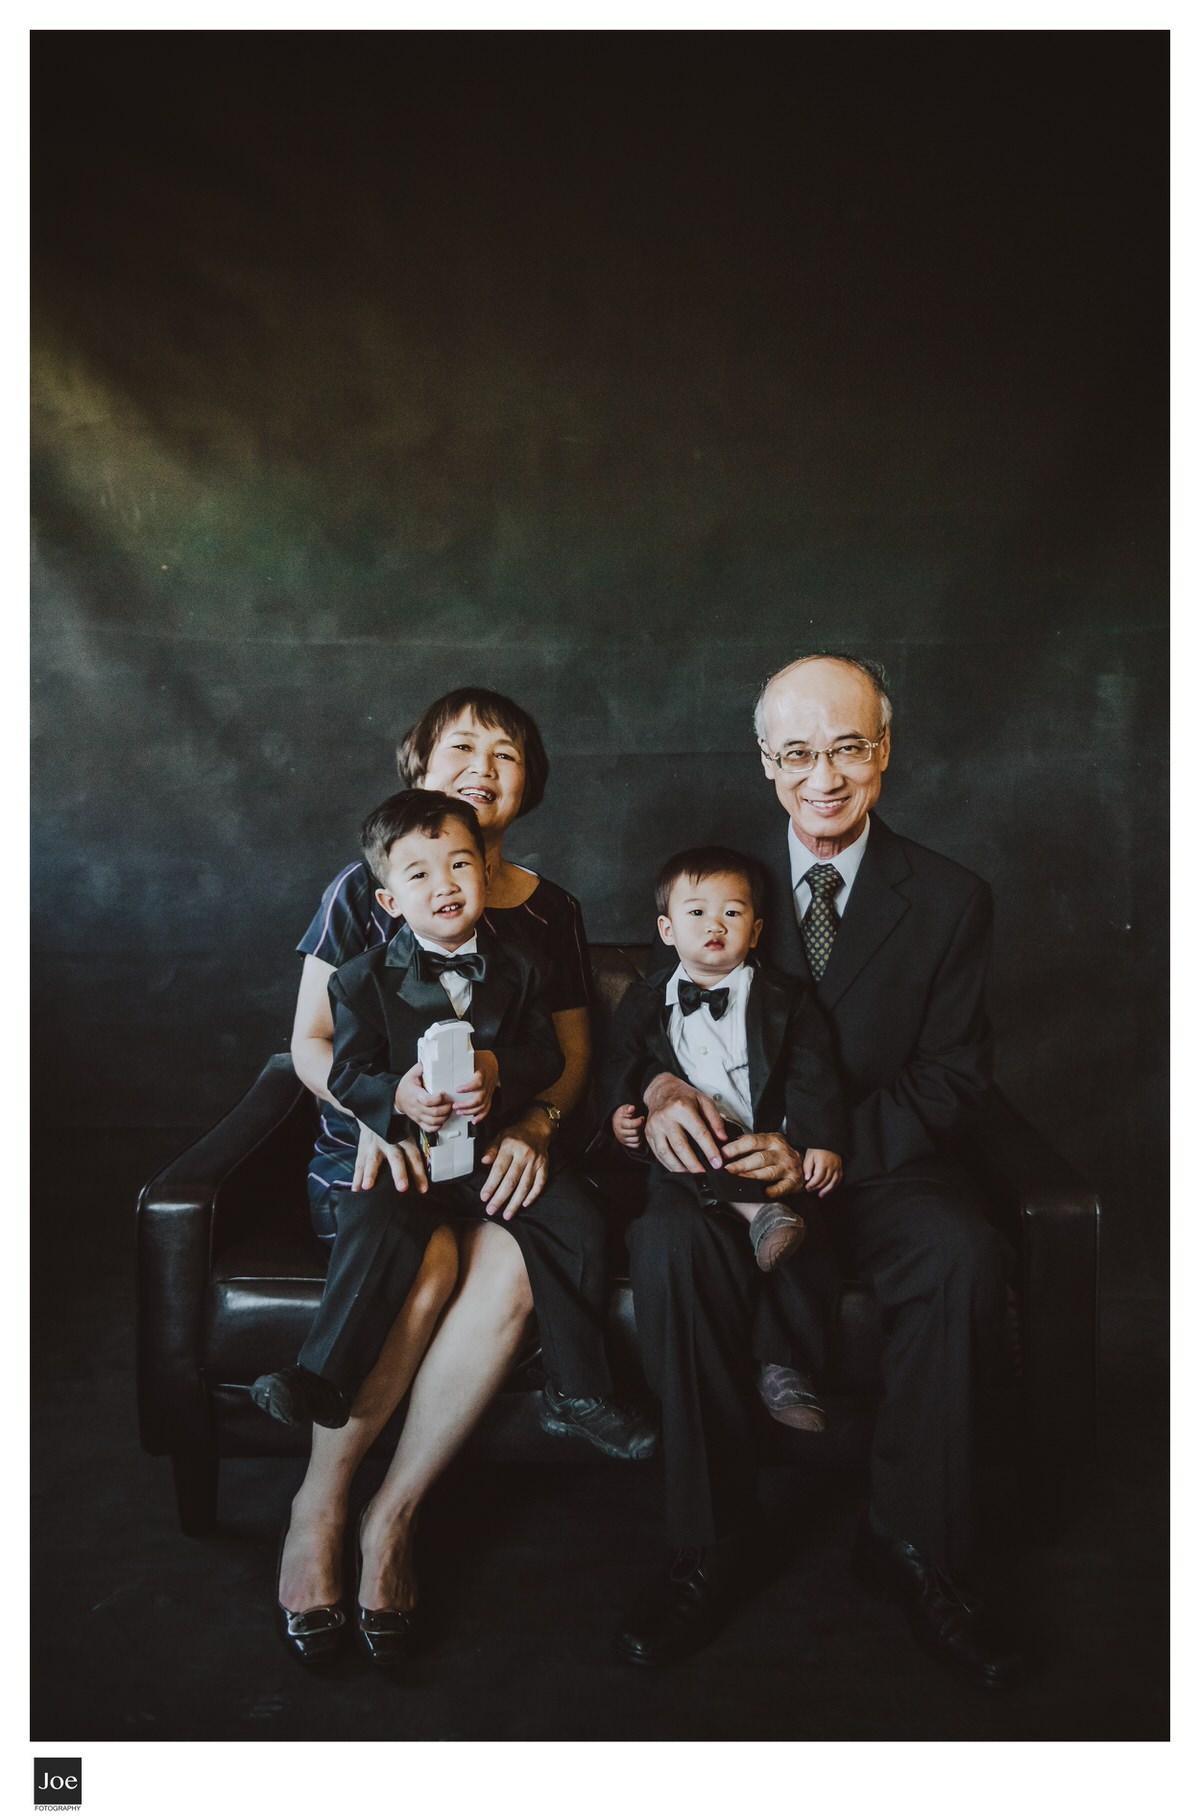 joe-fotography-family-photo-004.jpg